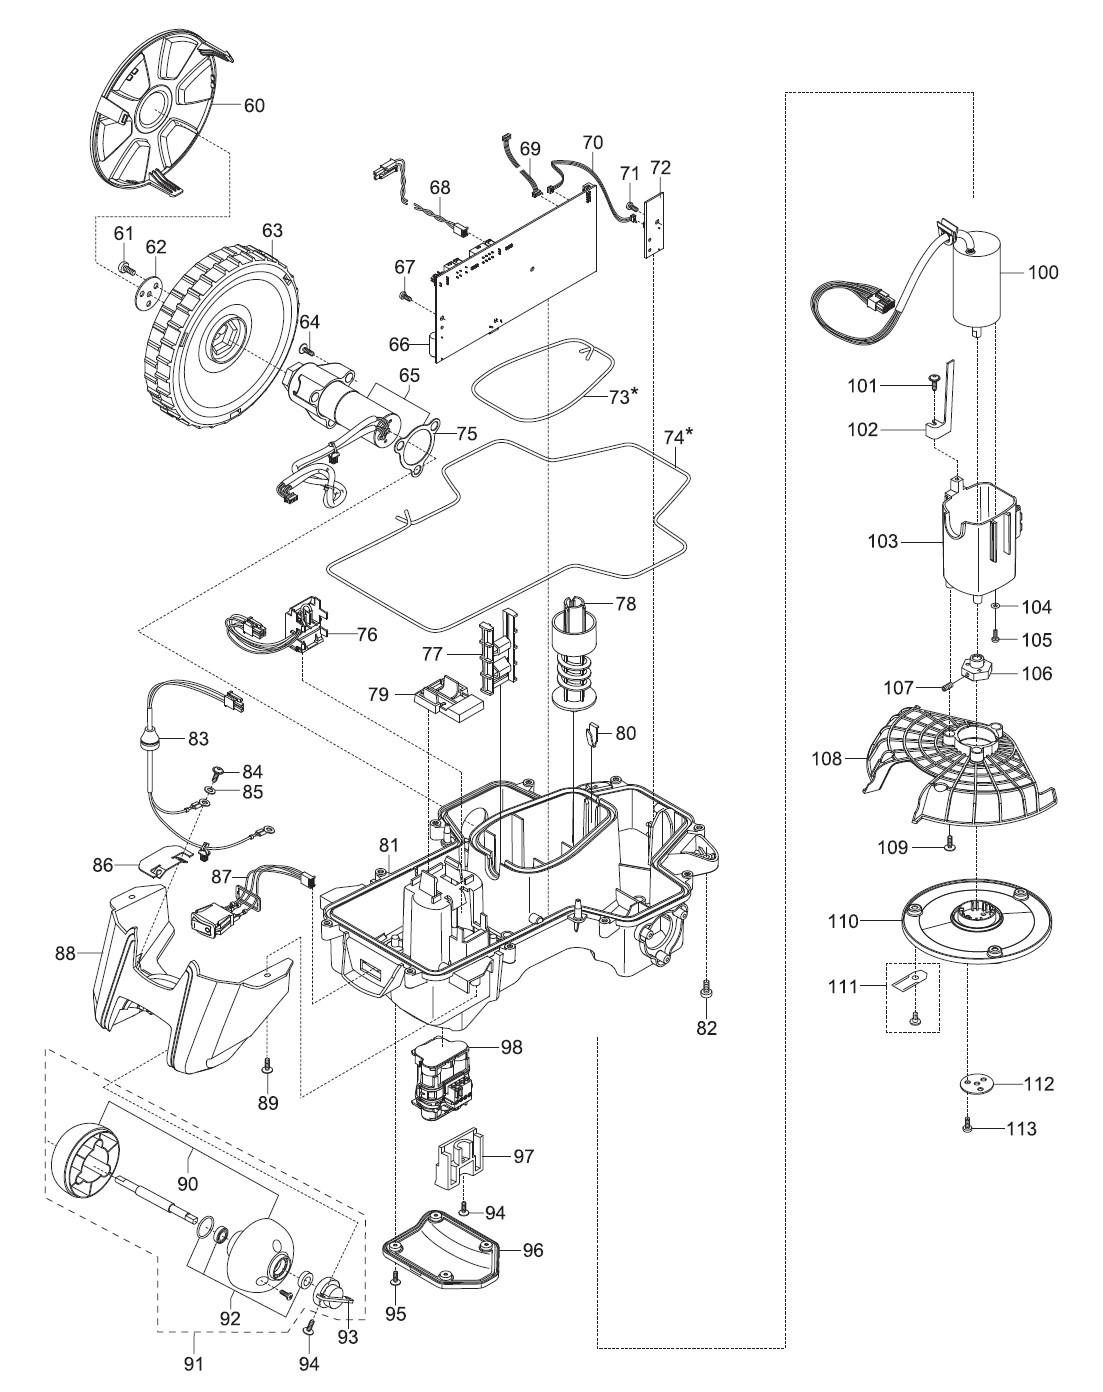 gardena ersatzteile unterteile m hroboter r50li 4077 20 baujahr 2012 2017 ersatzteil fee. Black Bedroom Furniture Sets. Home Design Ideas